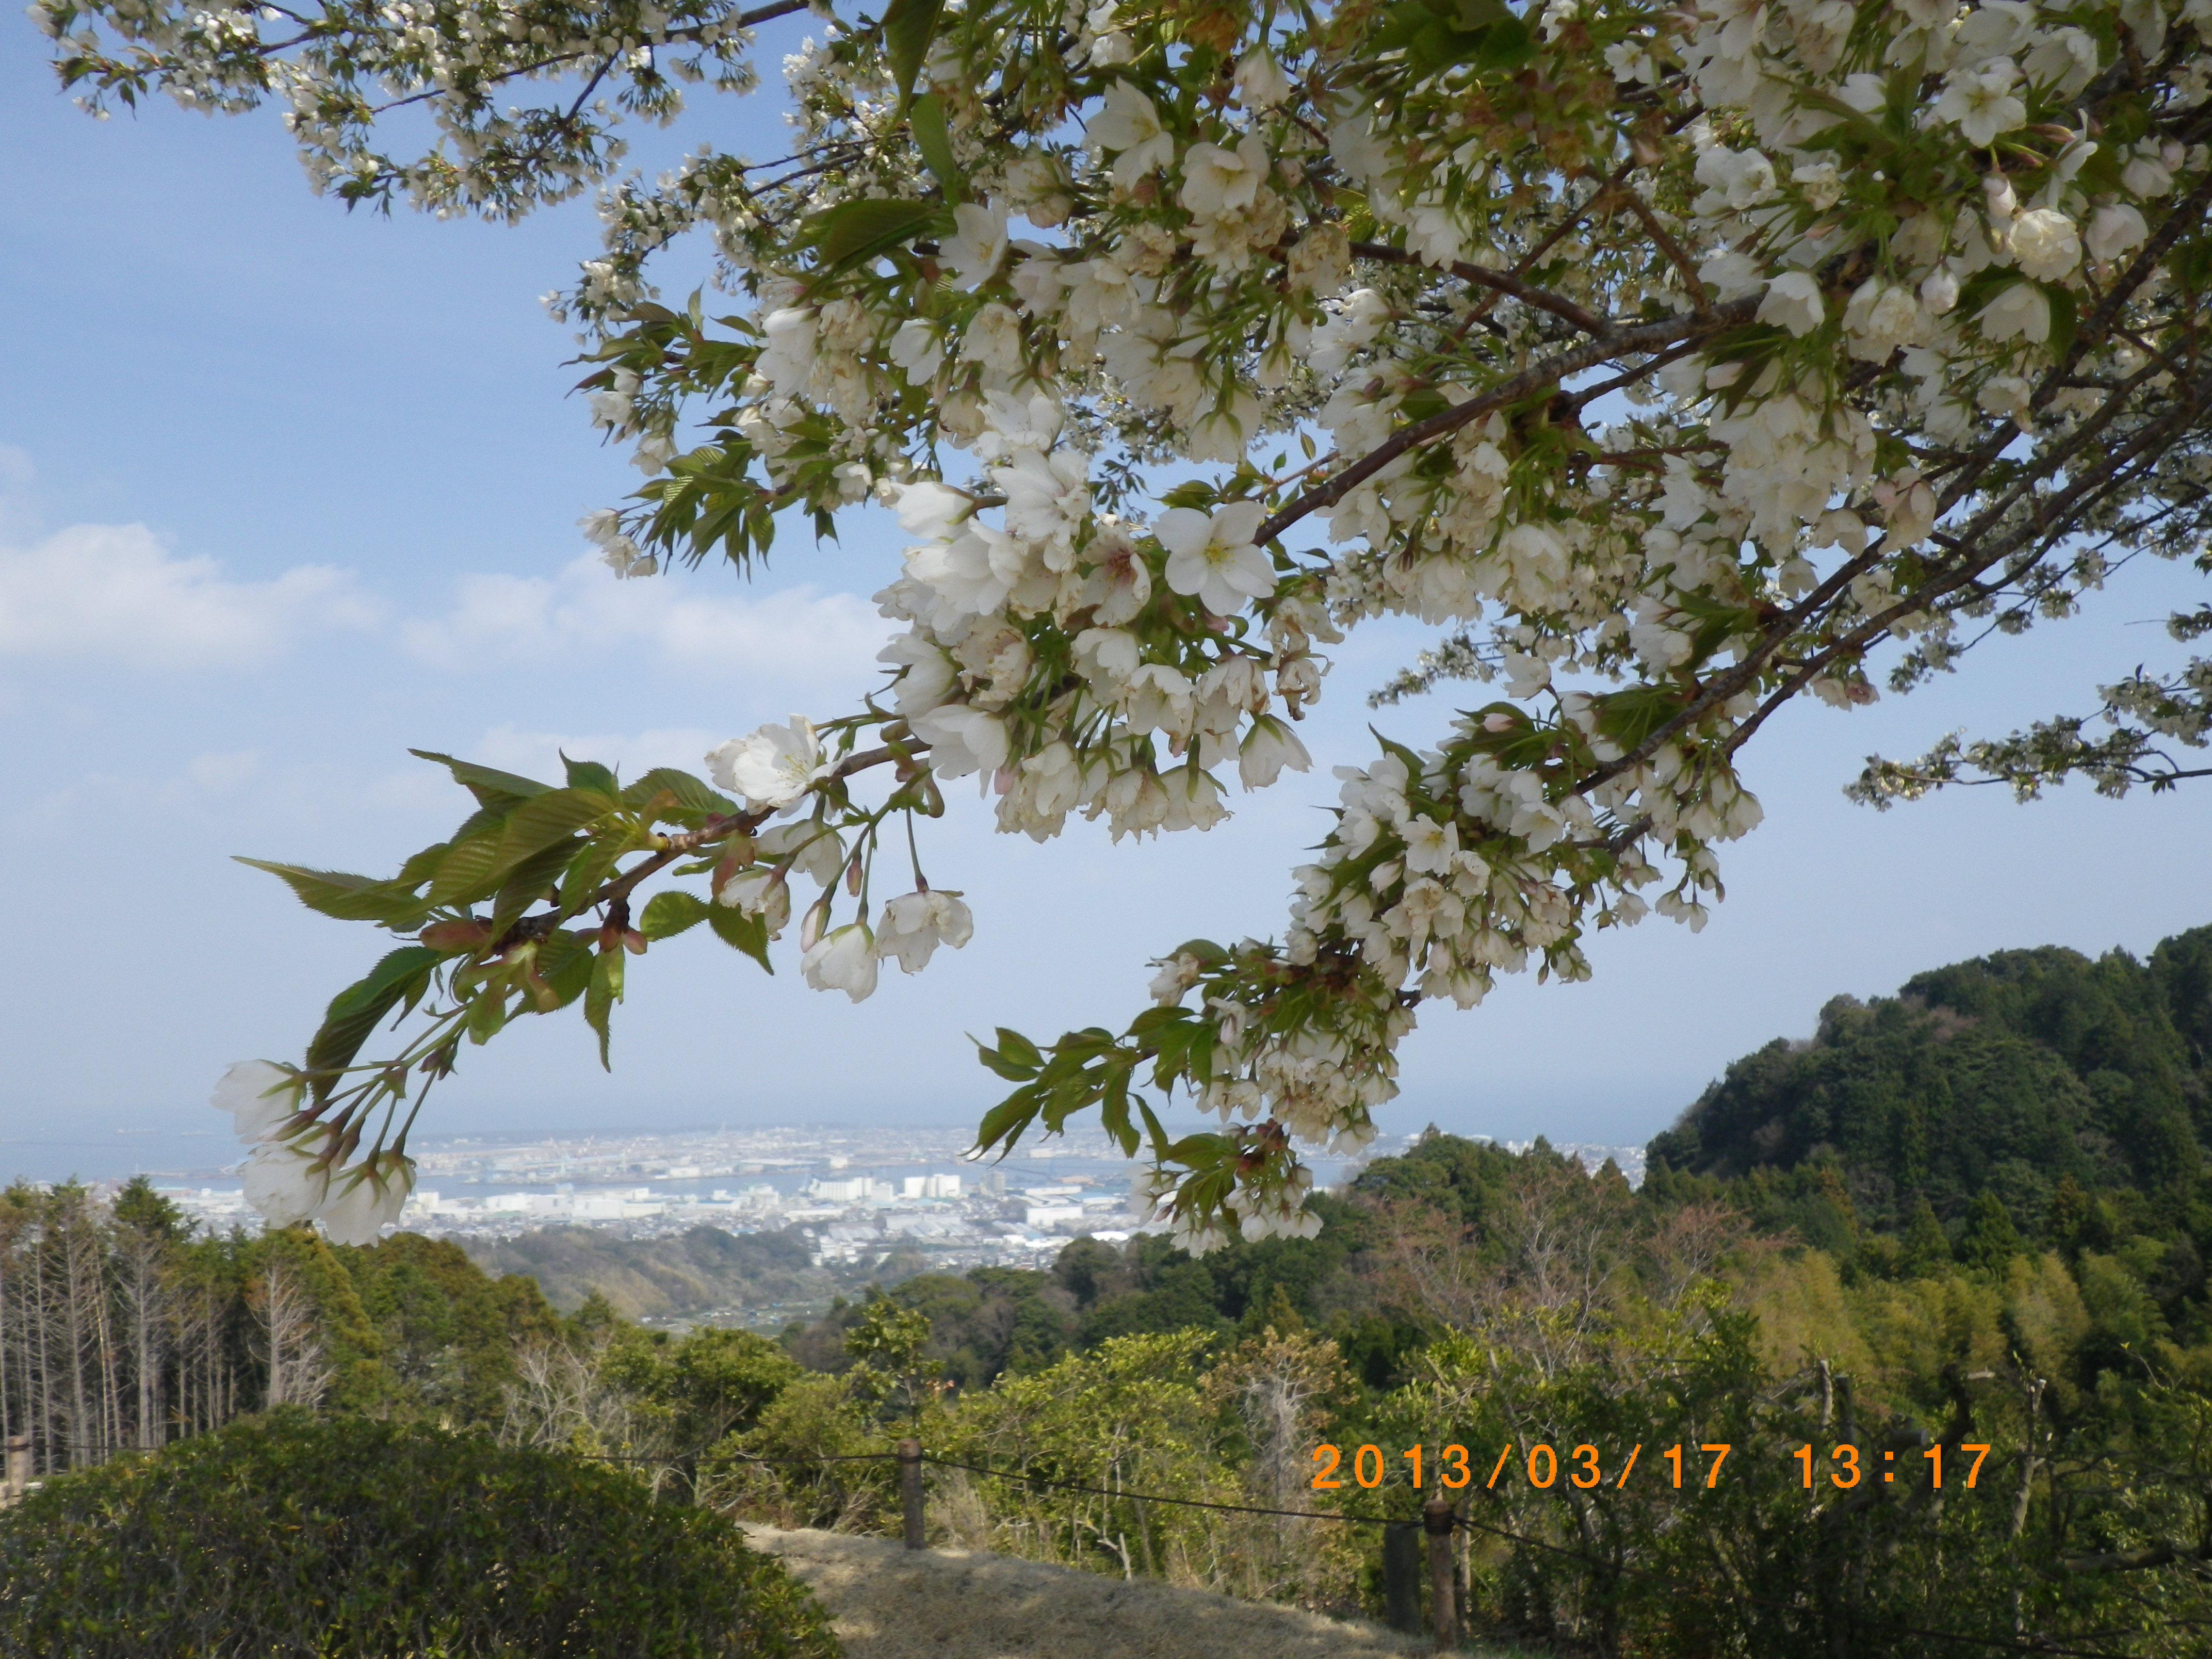 http://www.law-pro.jp/weblog/20130322/IMGP3512.JPG